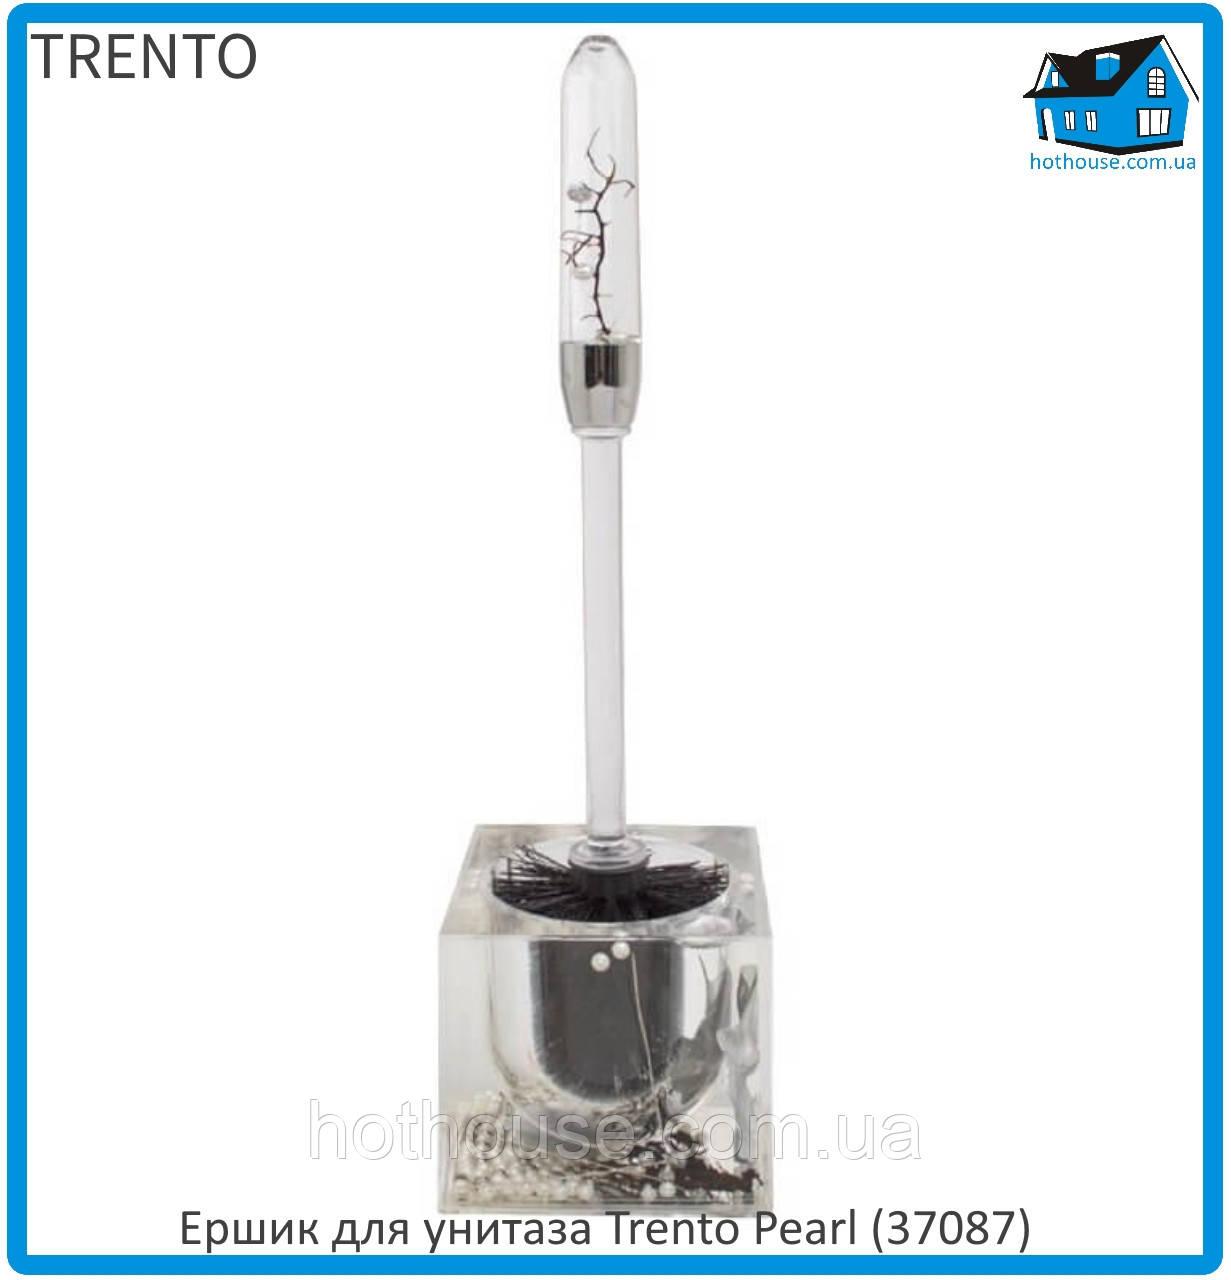 Йоршик для унітазу Trento Pearl (37087)